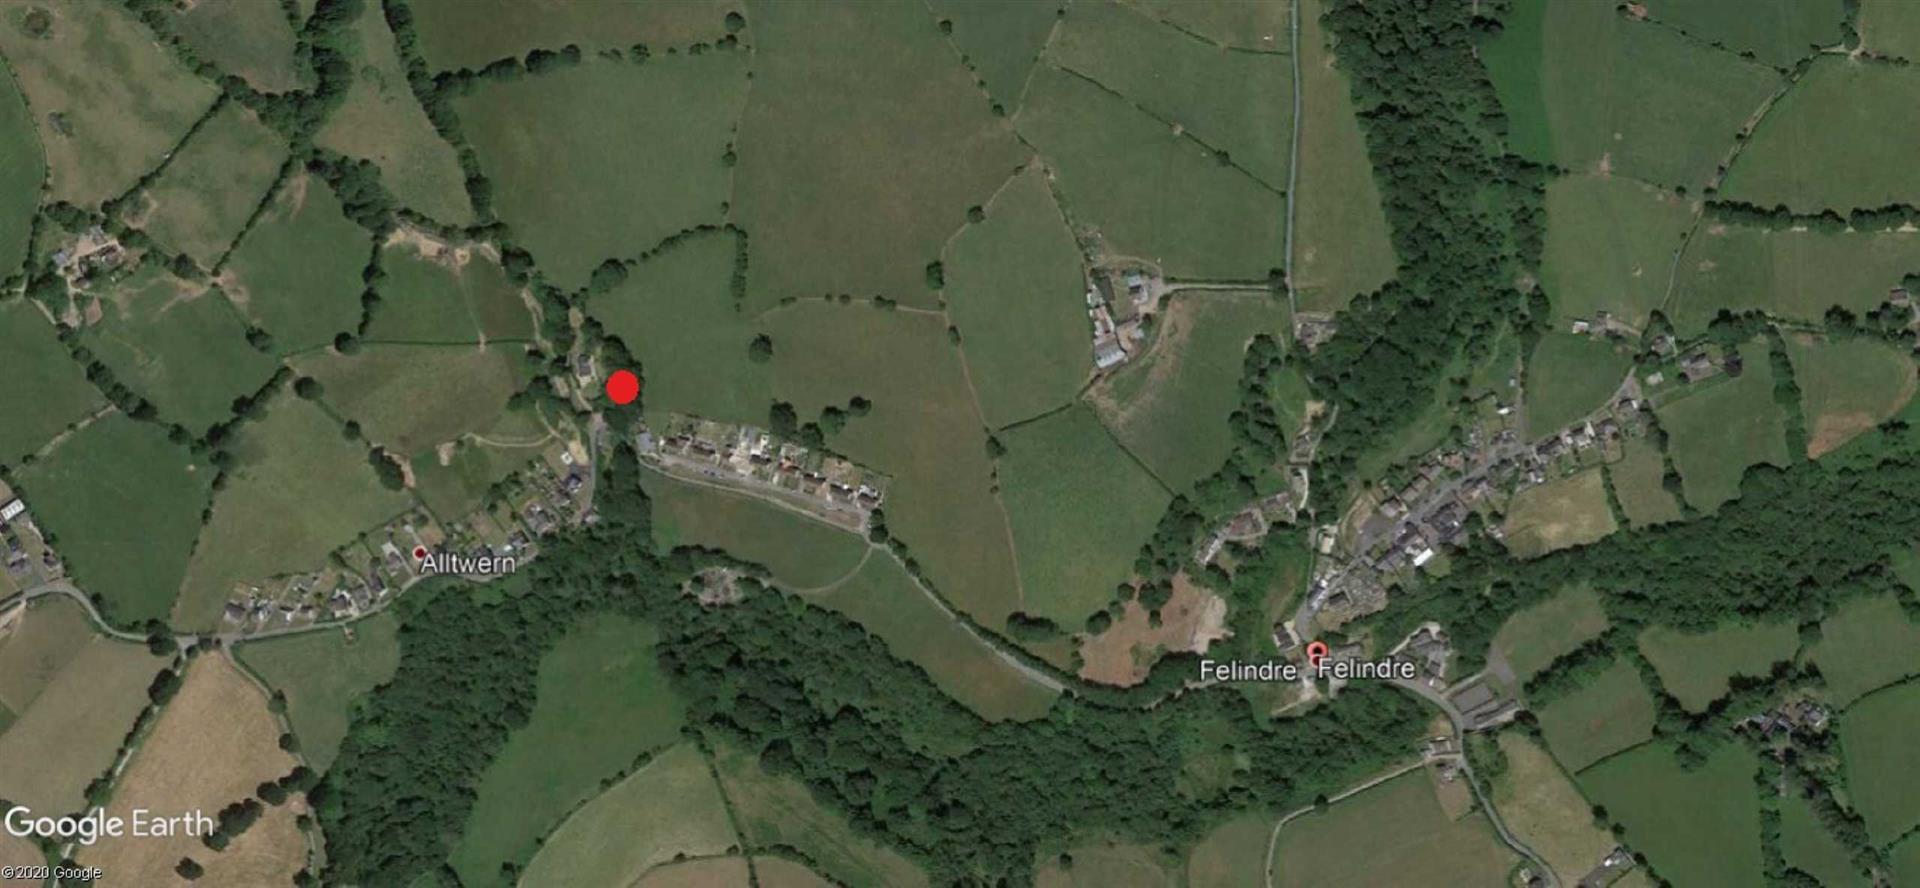 Bwlch Y Gwyn, Felindre, Swansea, SA5 7PG